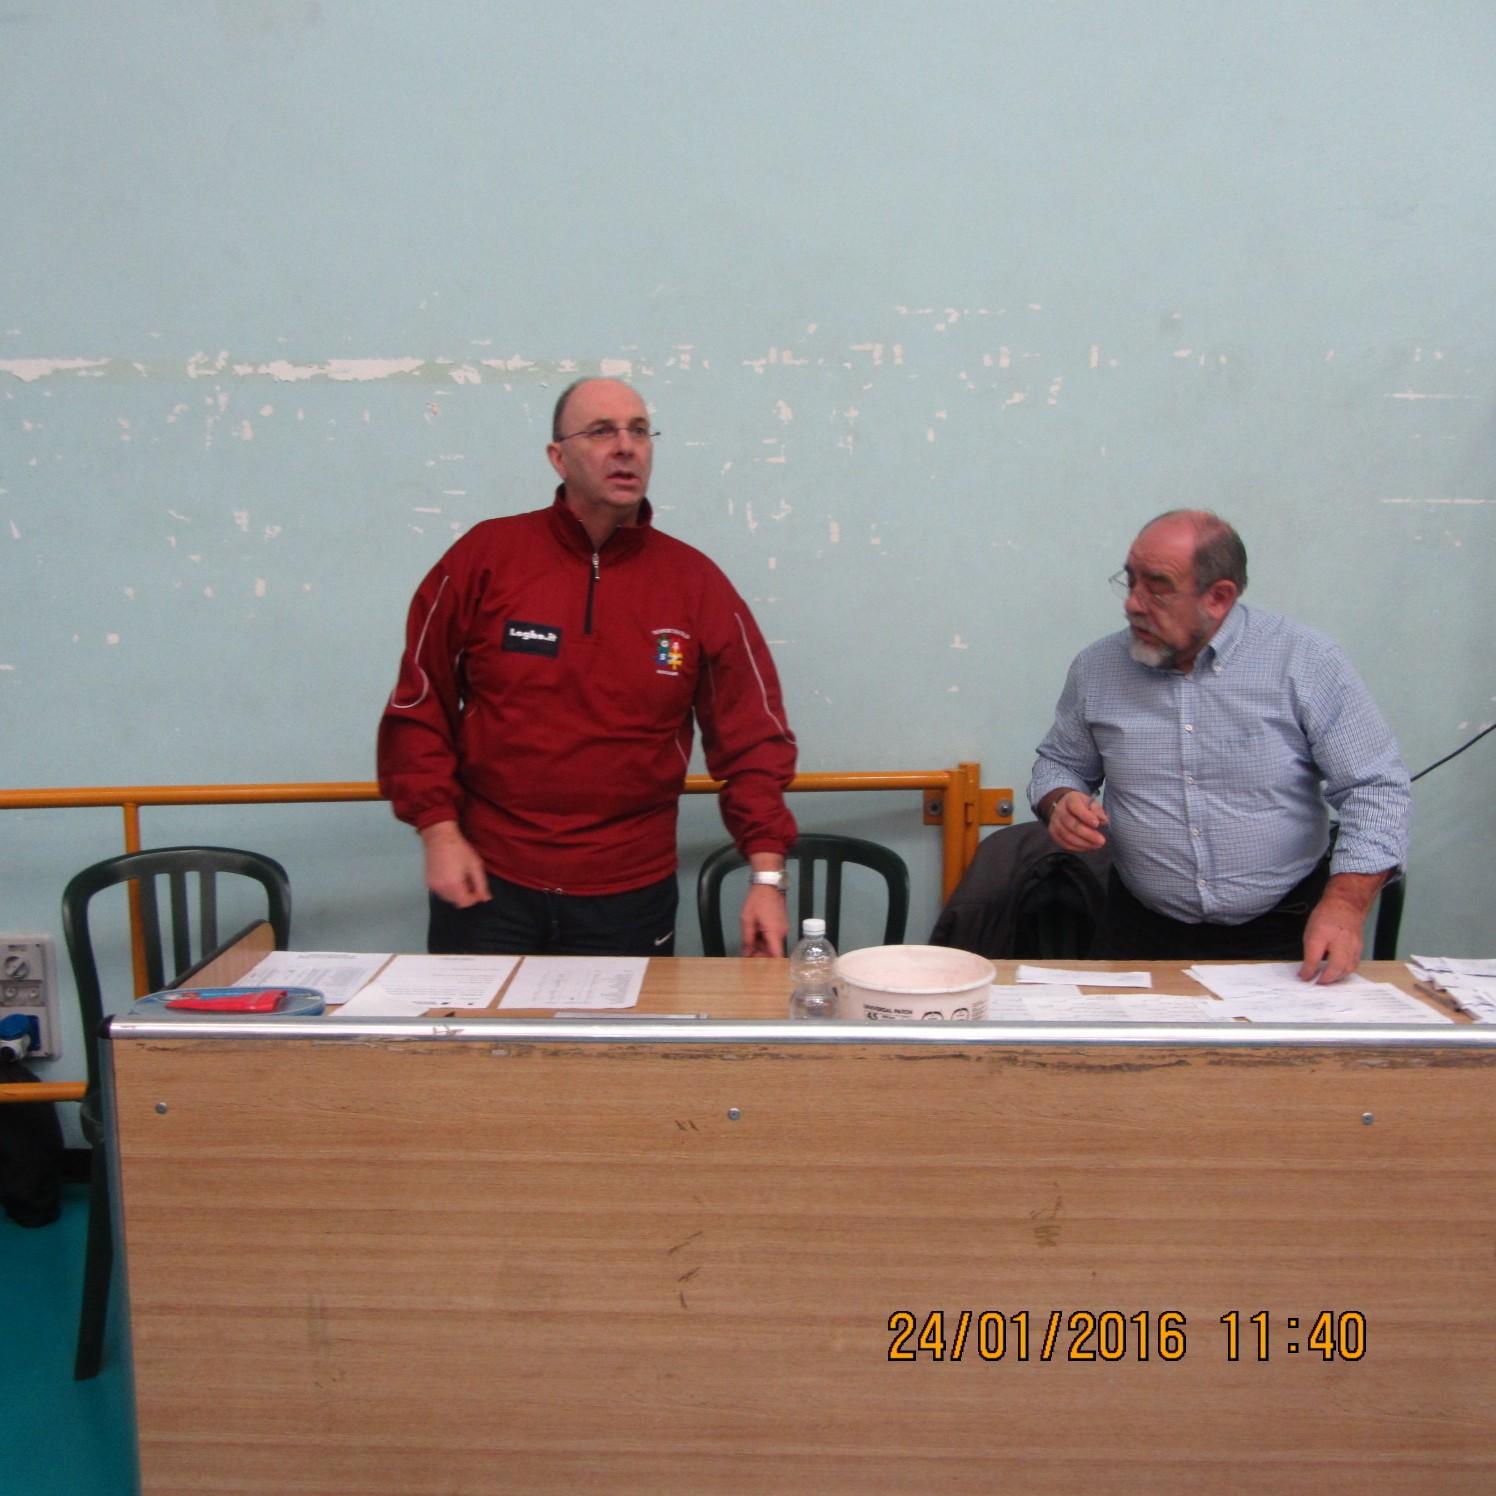 grpx 3^ prova Moncalieri 24-01-16 la giuria con l'arbitro Bruno Miglio e il presidente _